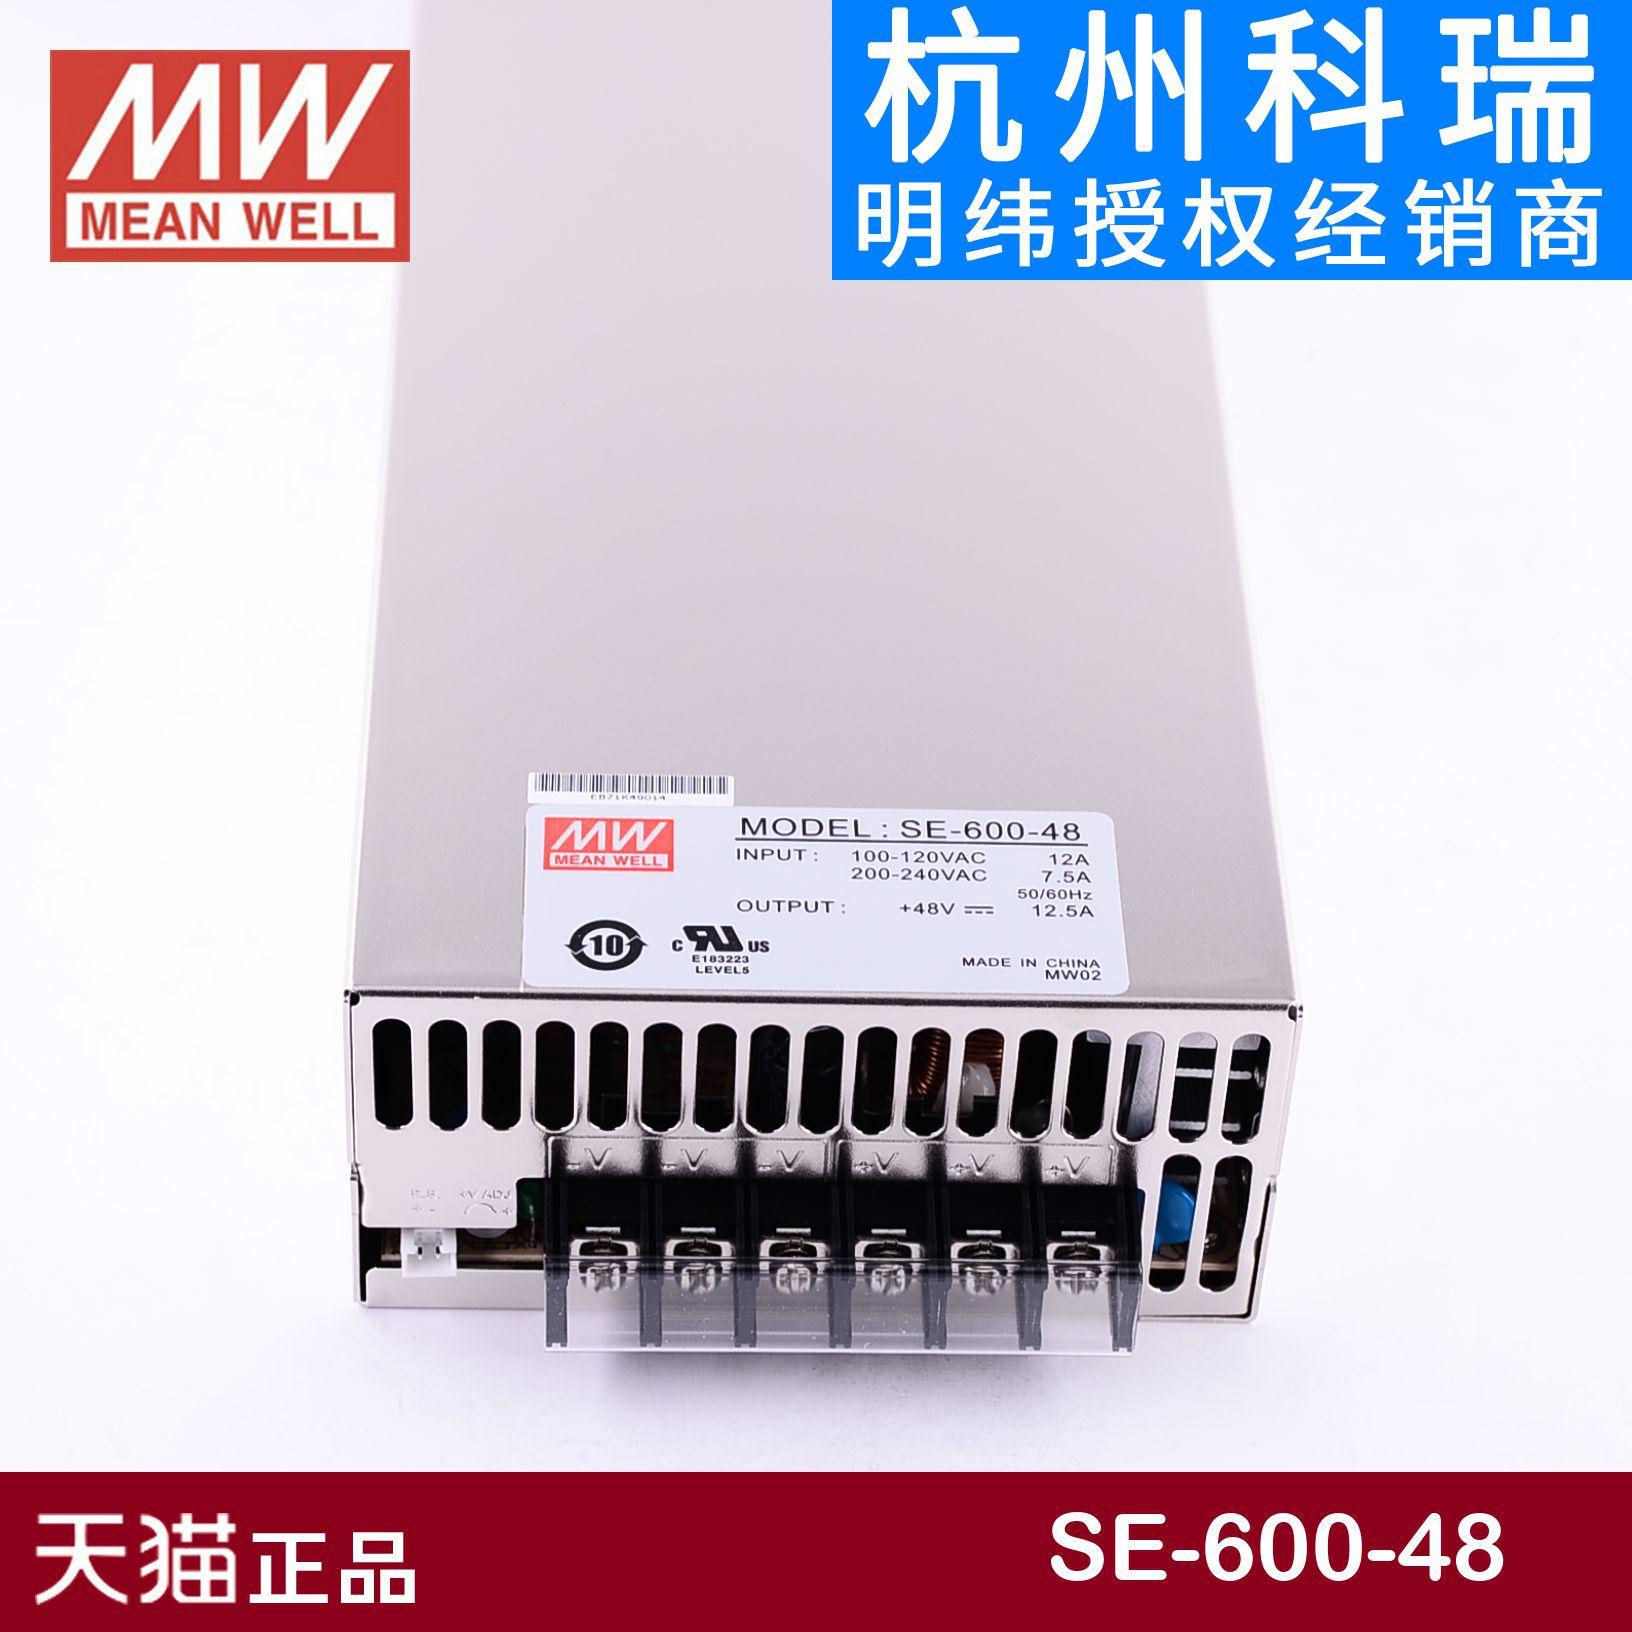 48 600 S 替代 48V 600W 大功率 48 600 SE 台湾明纬开关电源